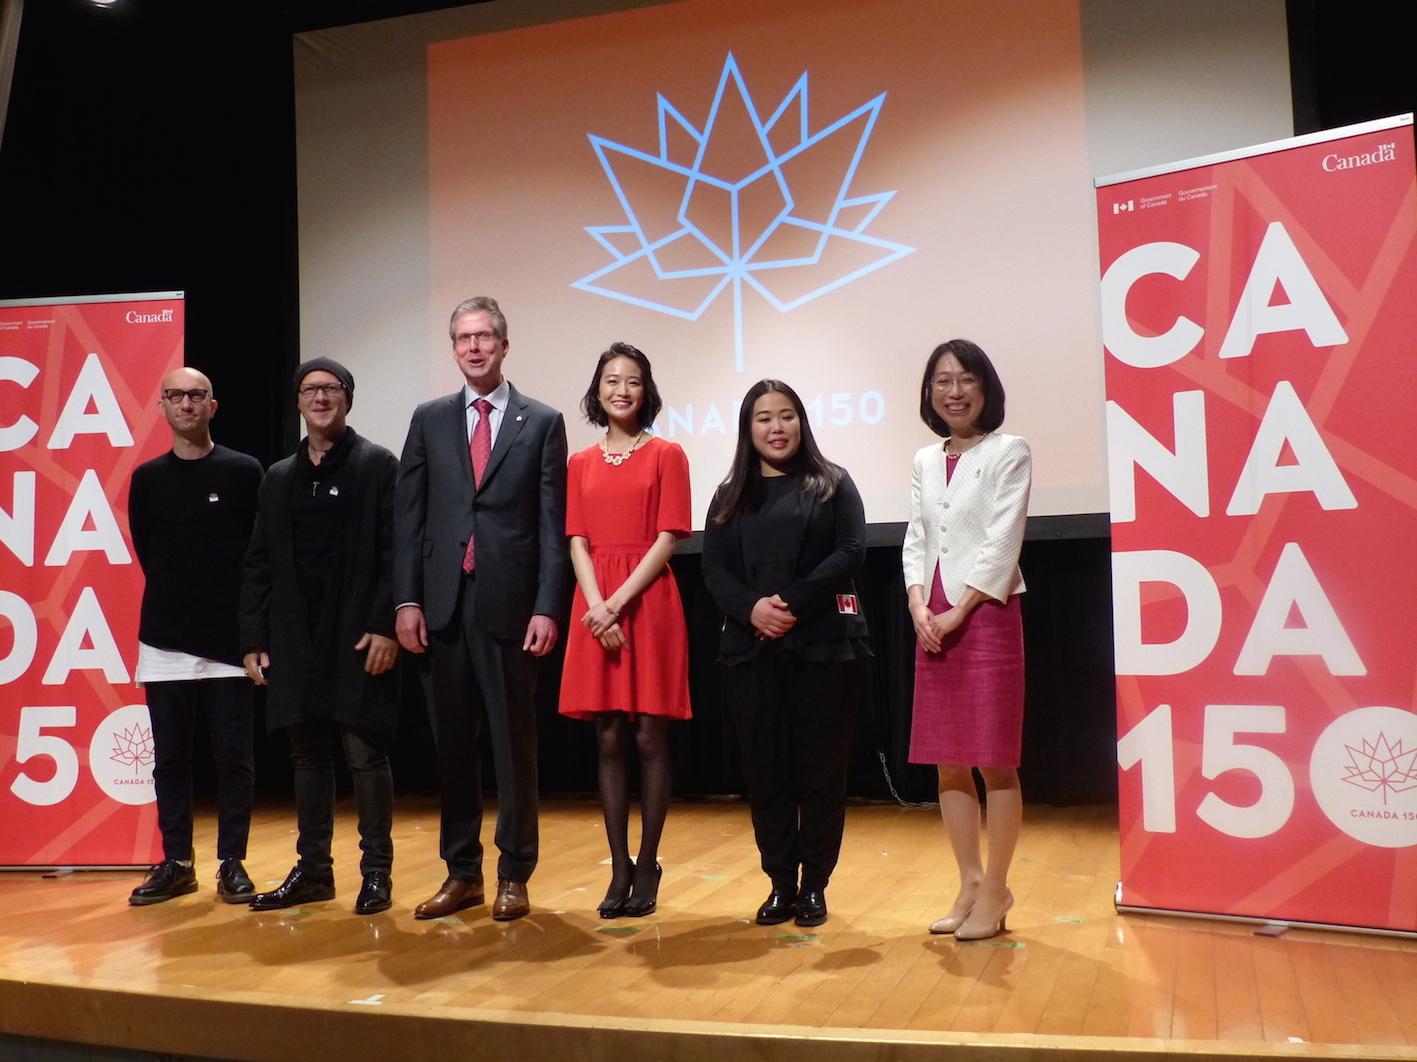 今年はカナダ建国150周年、4つのテーマで各種イベント開催へ、観光局らがキャンペーン発表